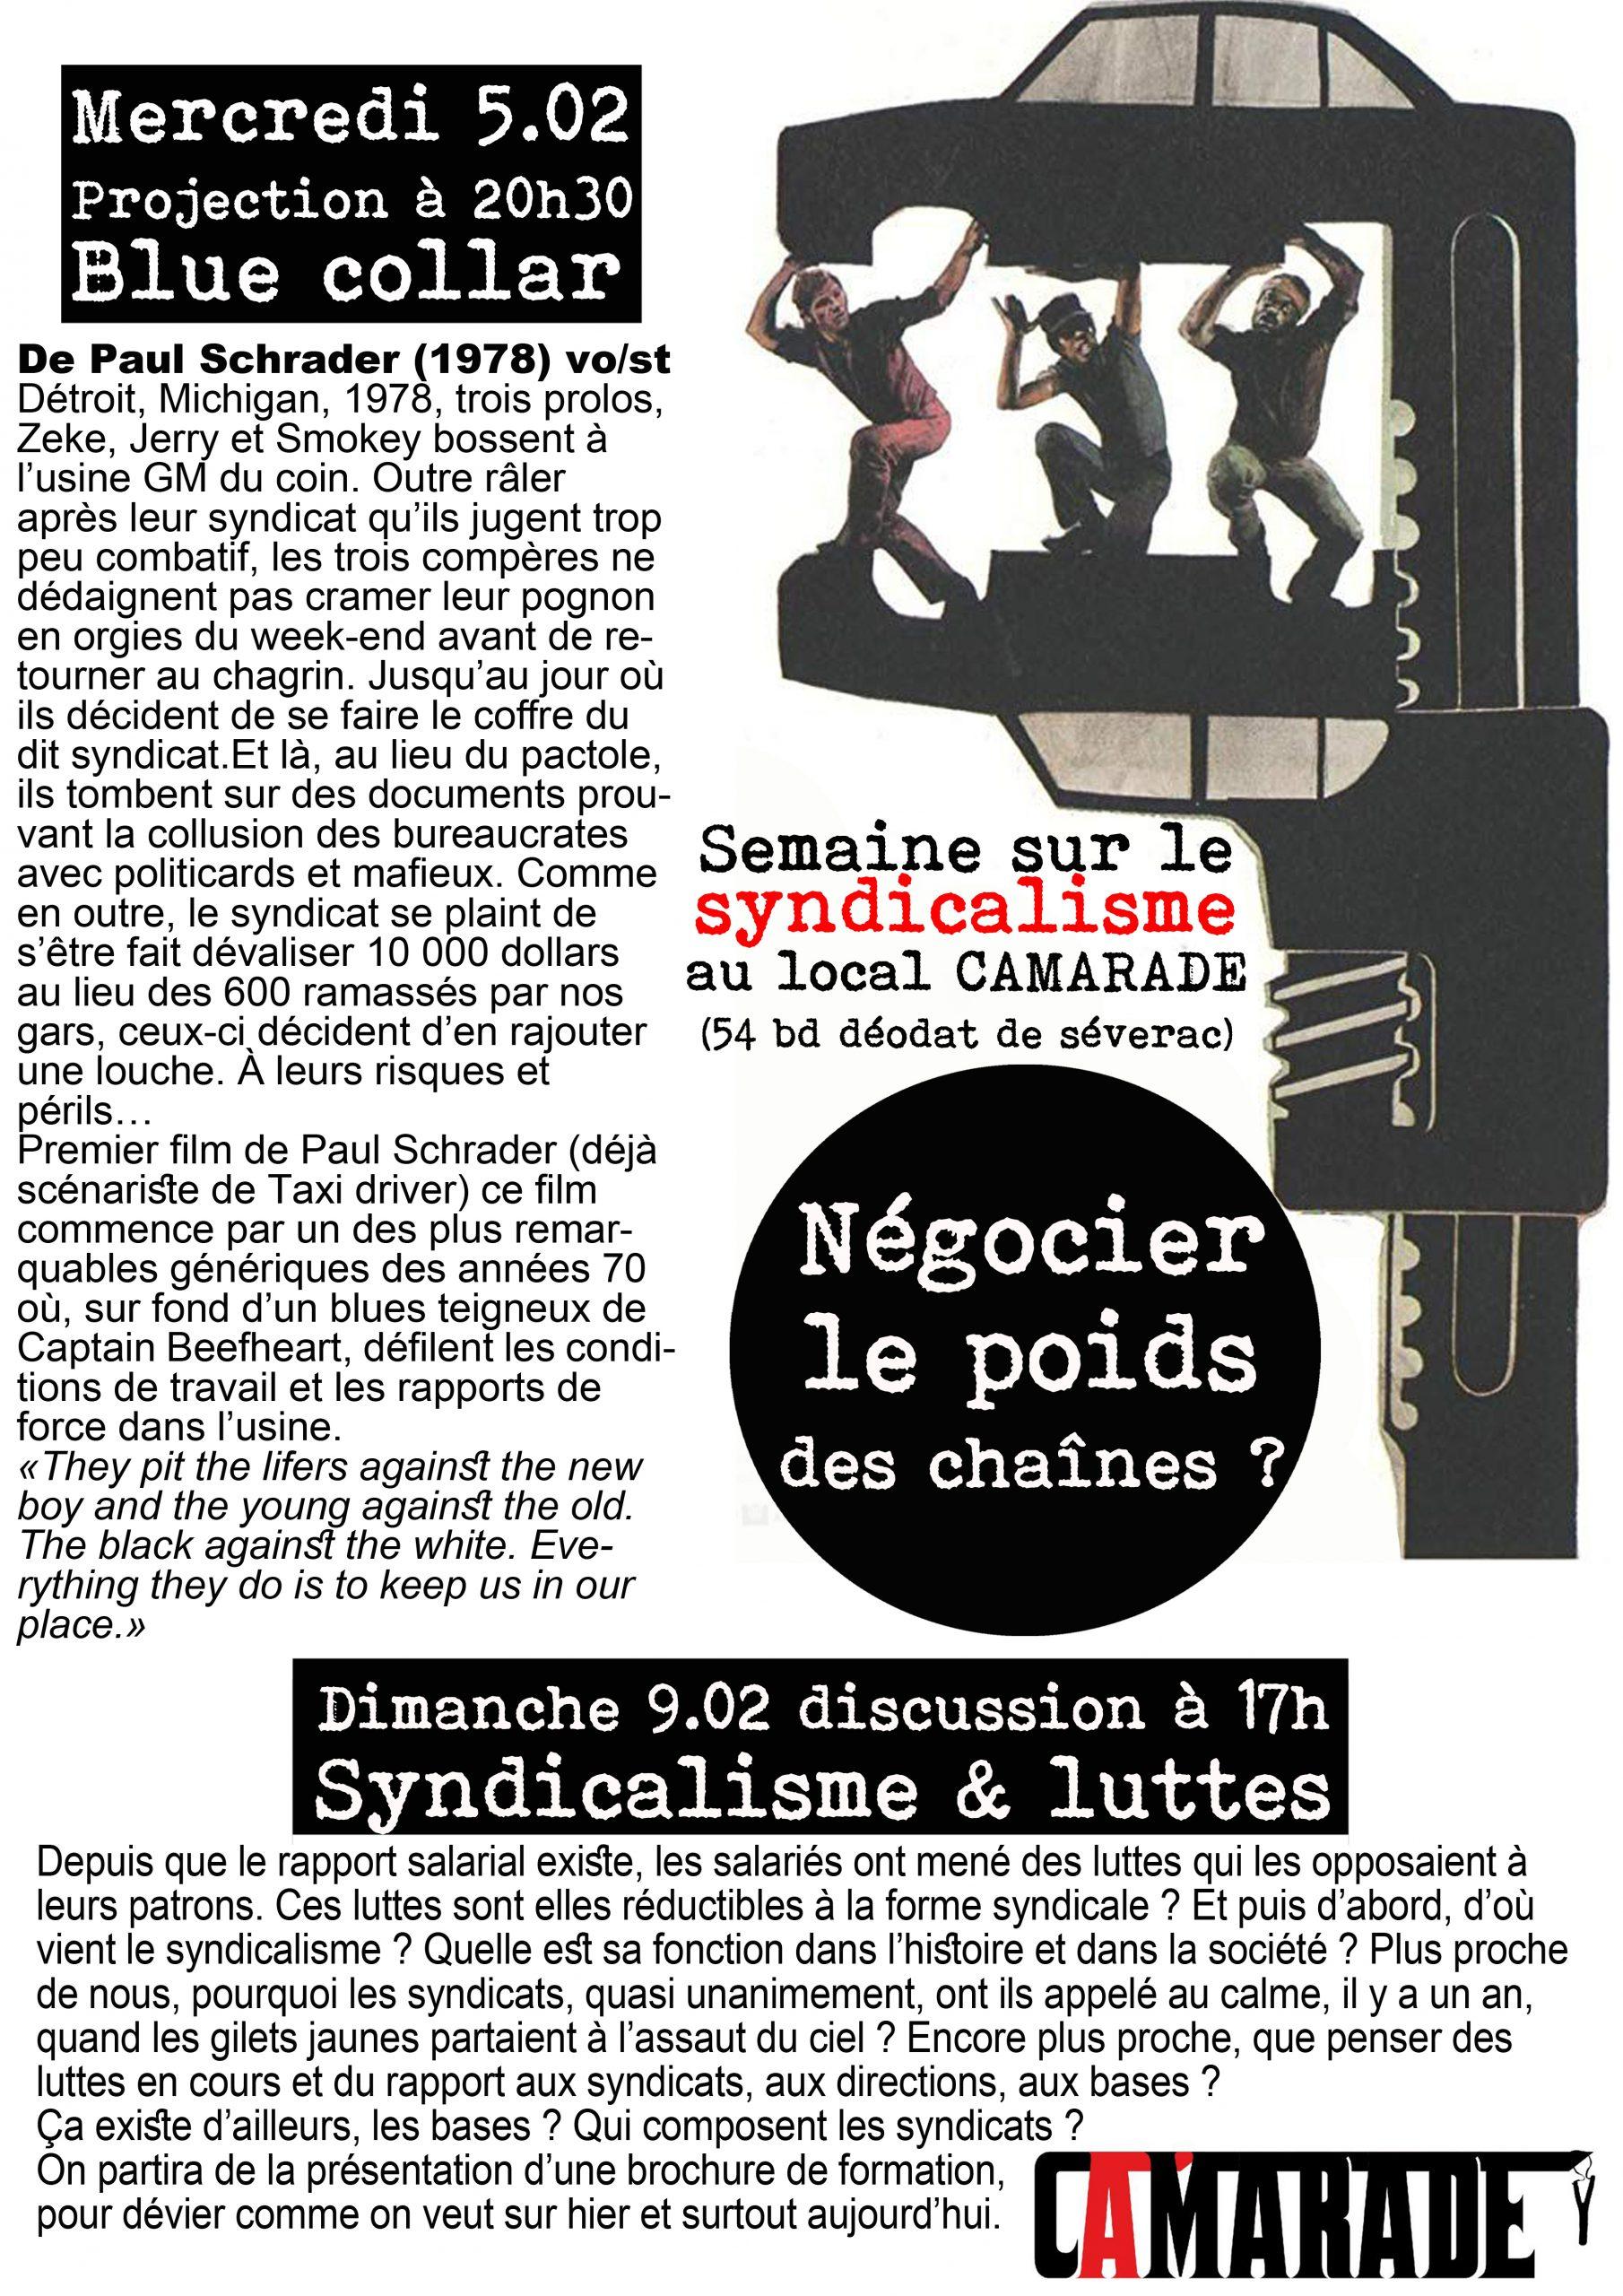 Semaine sur le syndicalisme, mercredi 5 & dimanche 9 février 2020